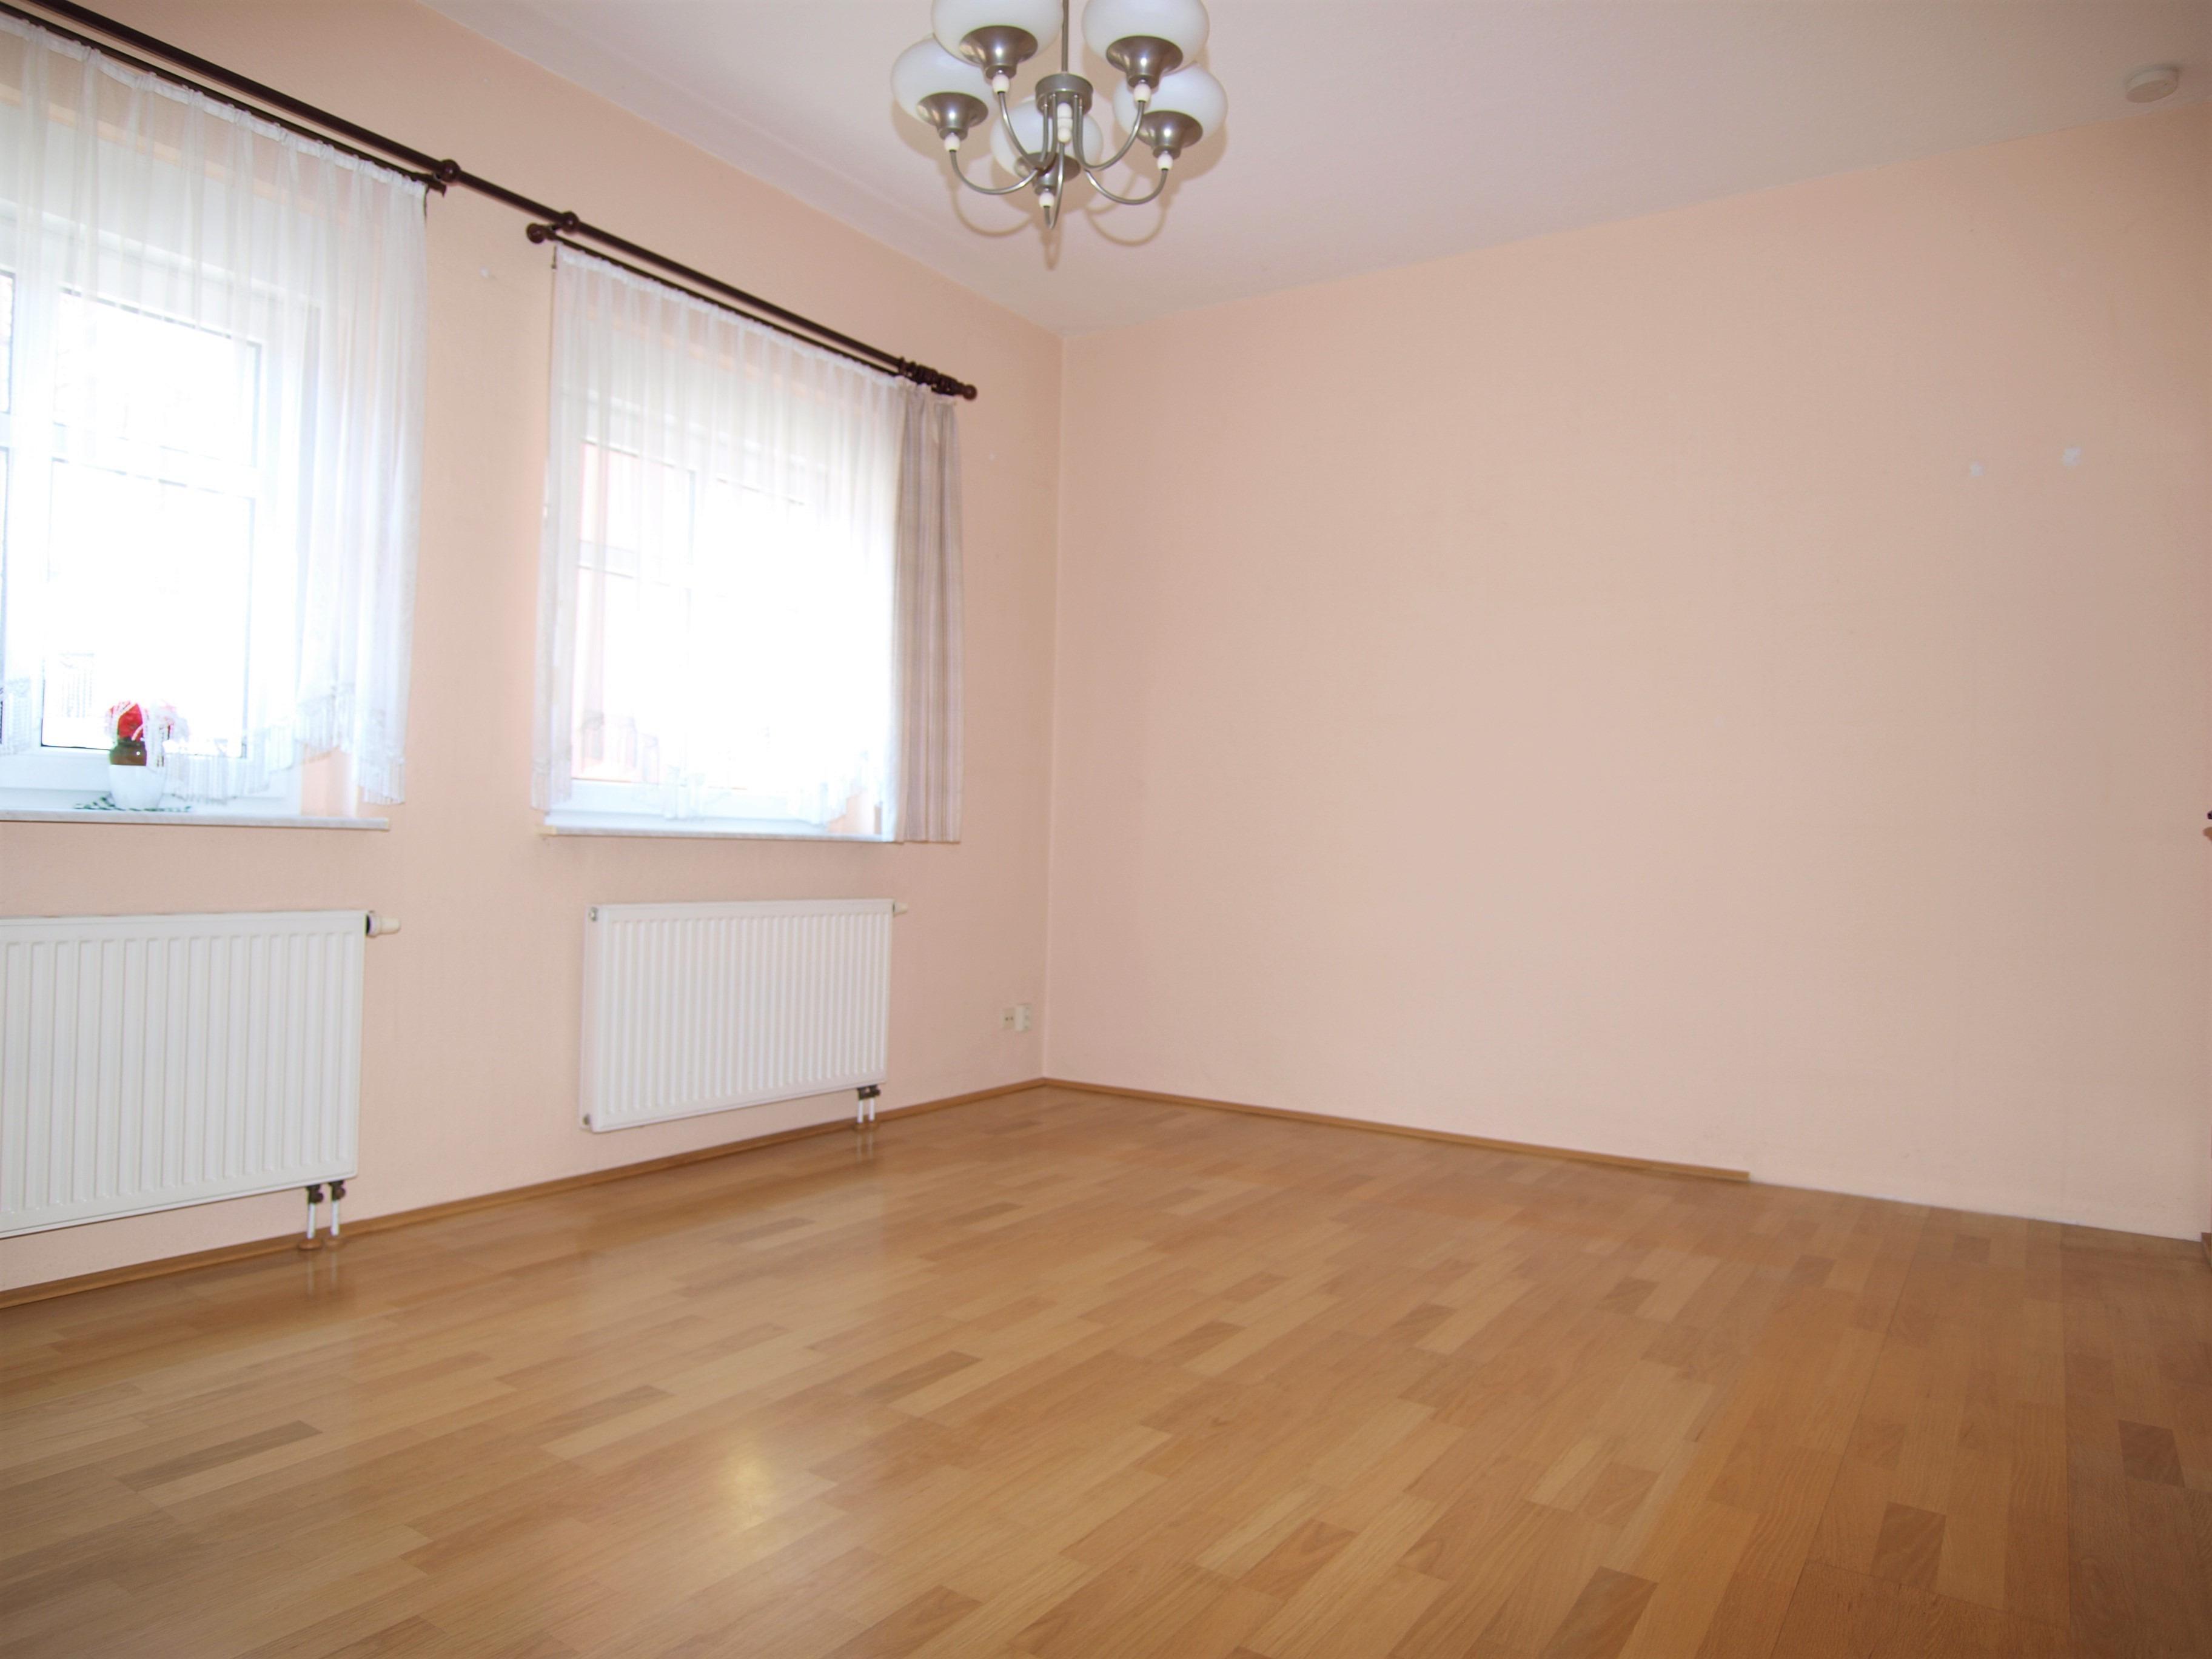 Eigentumswohnung Halle - Schlaf - oder Kinderzimmer